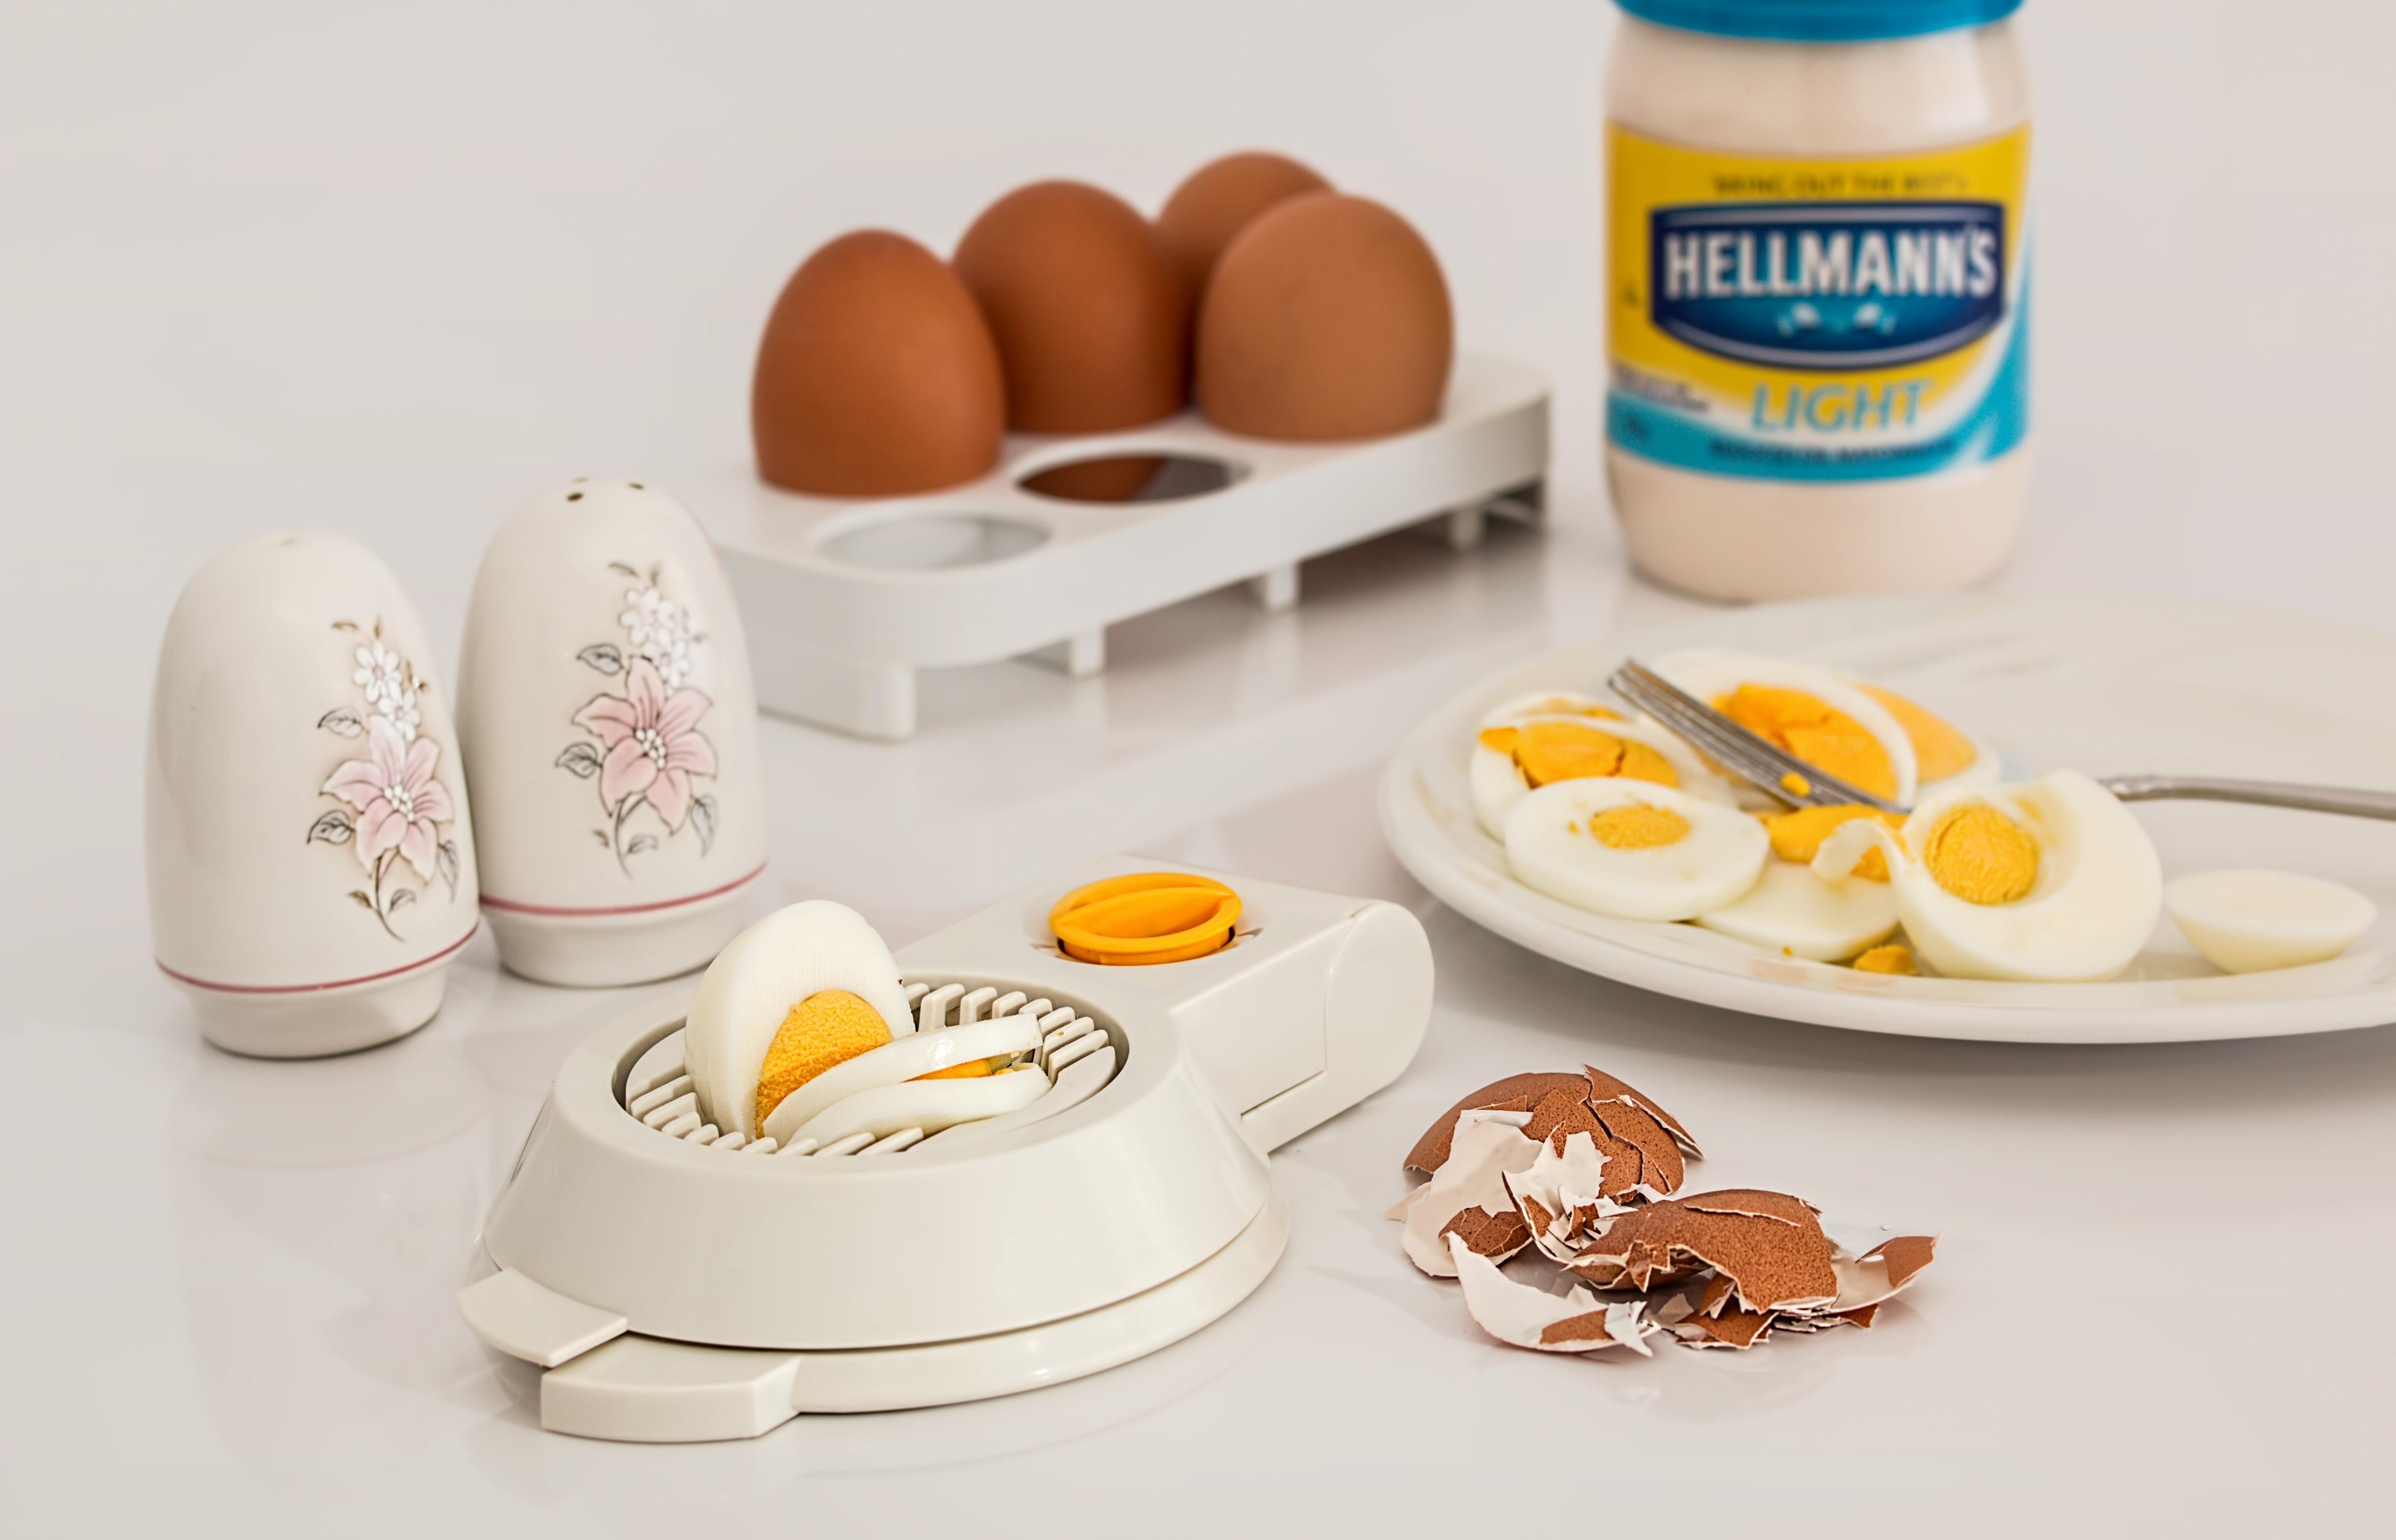 Hellmanks glass jar beside white egg rack photo